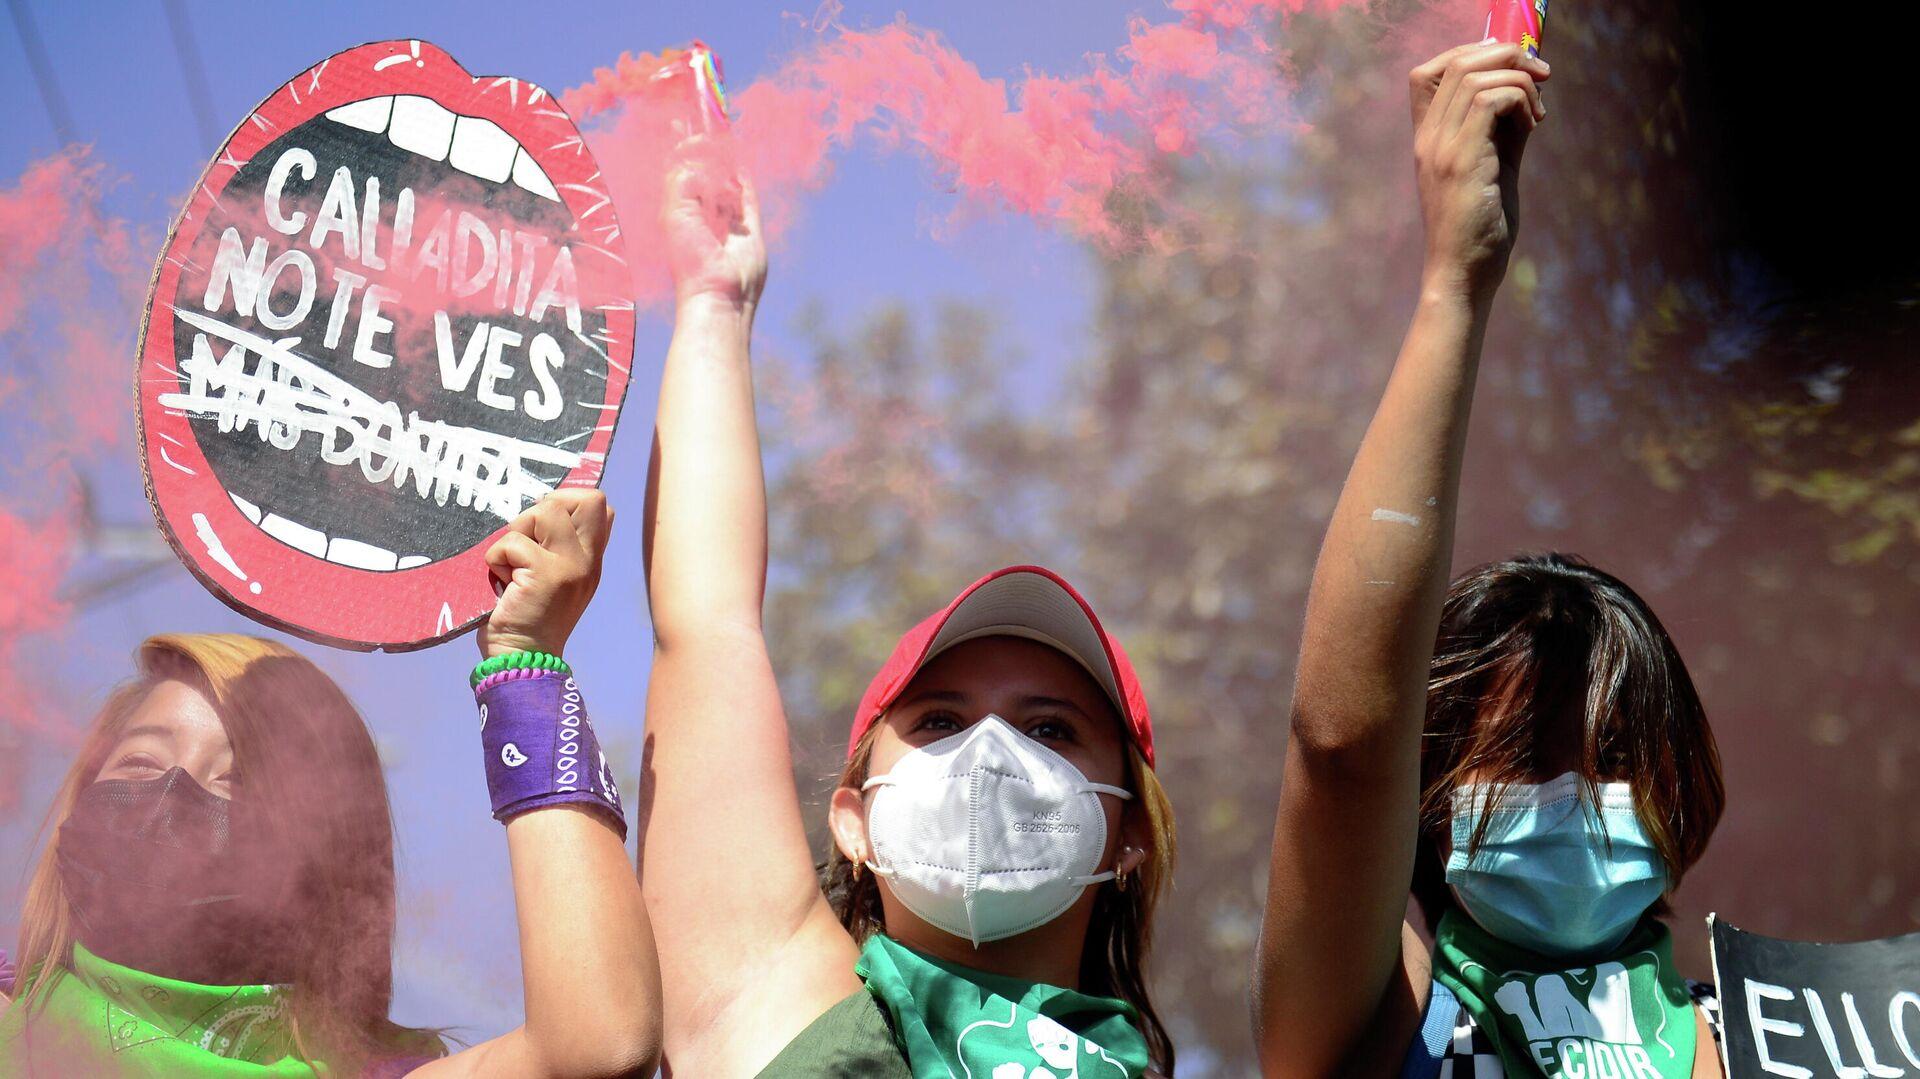 Marcha contra femicidios y violencia contra la mujer en El Salvador - Sputnik Mundo, 1920, 08.03.2021